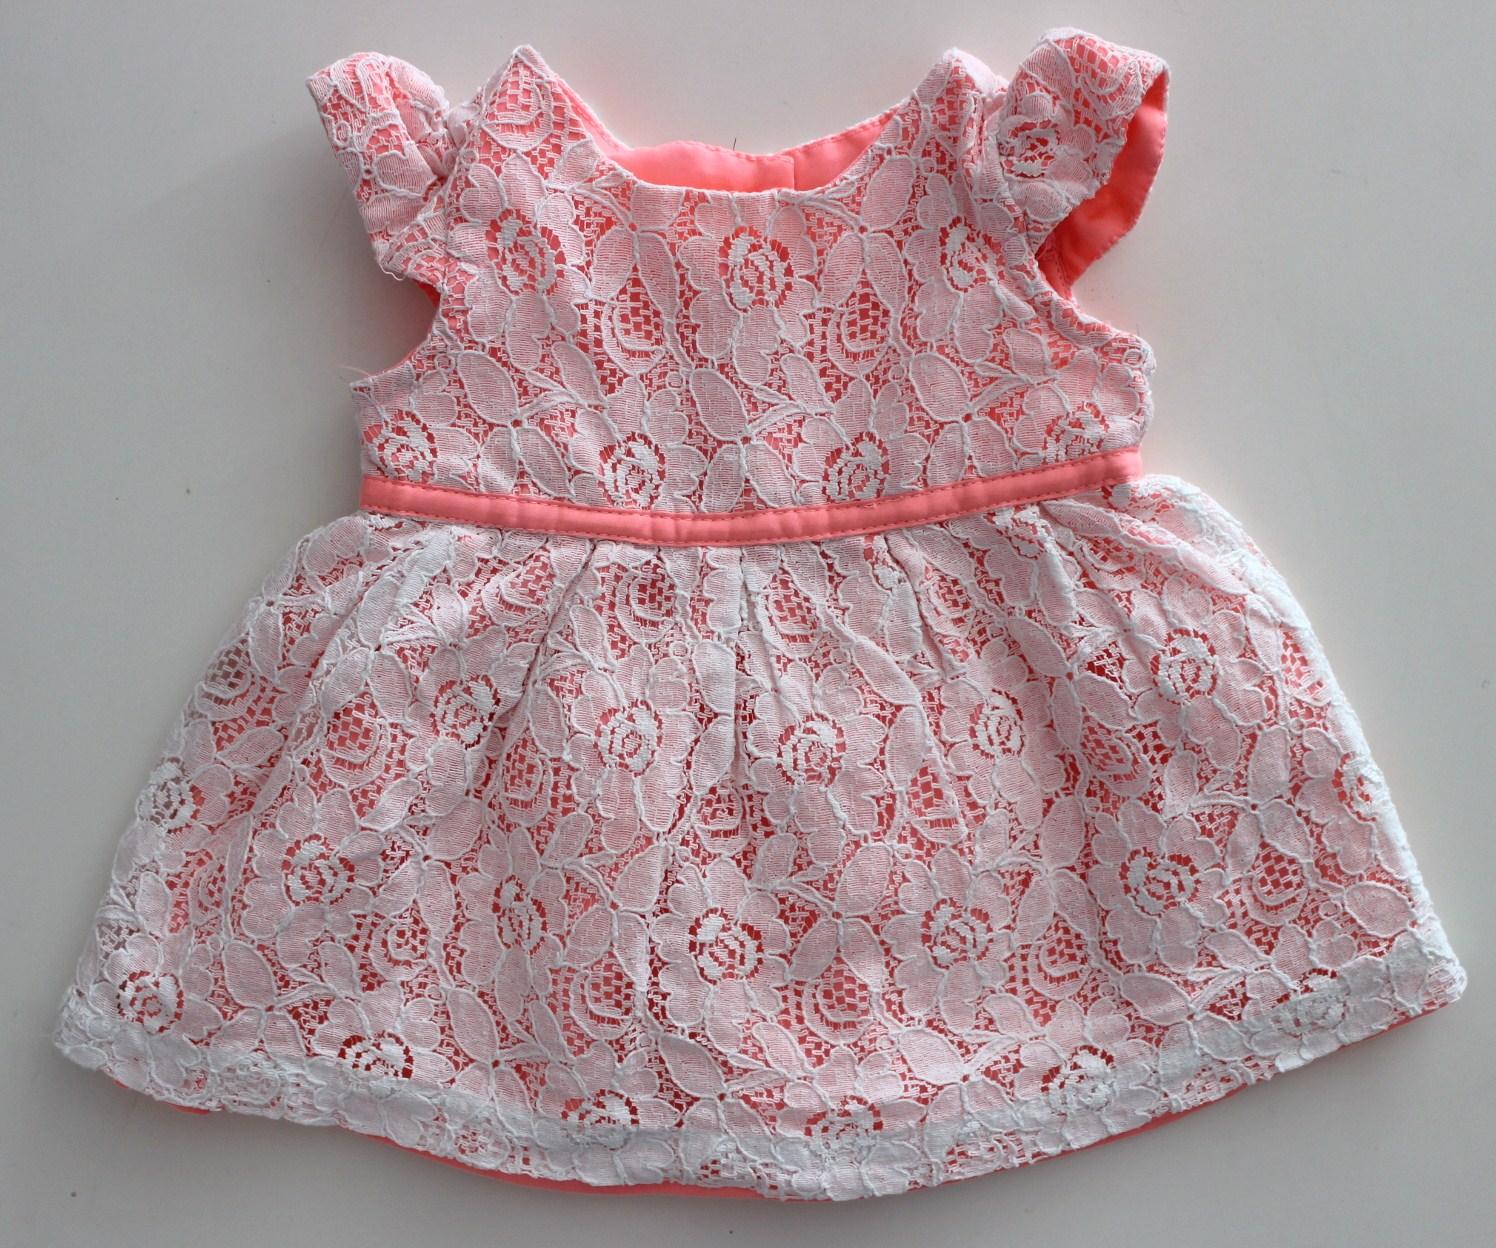 de25109a568c Kojenecké šaty vel.62 Early days